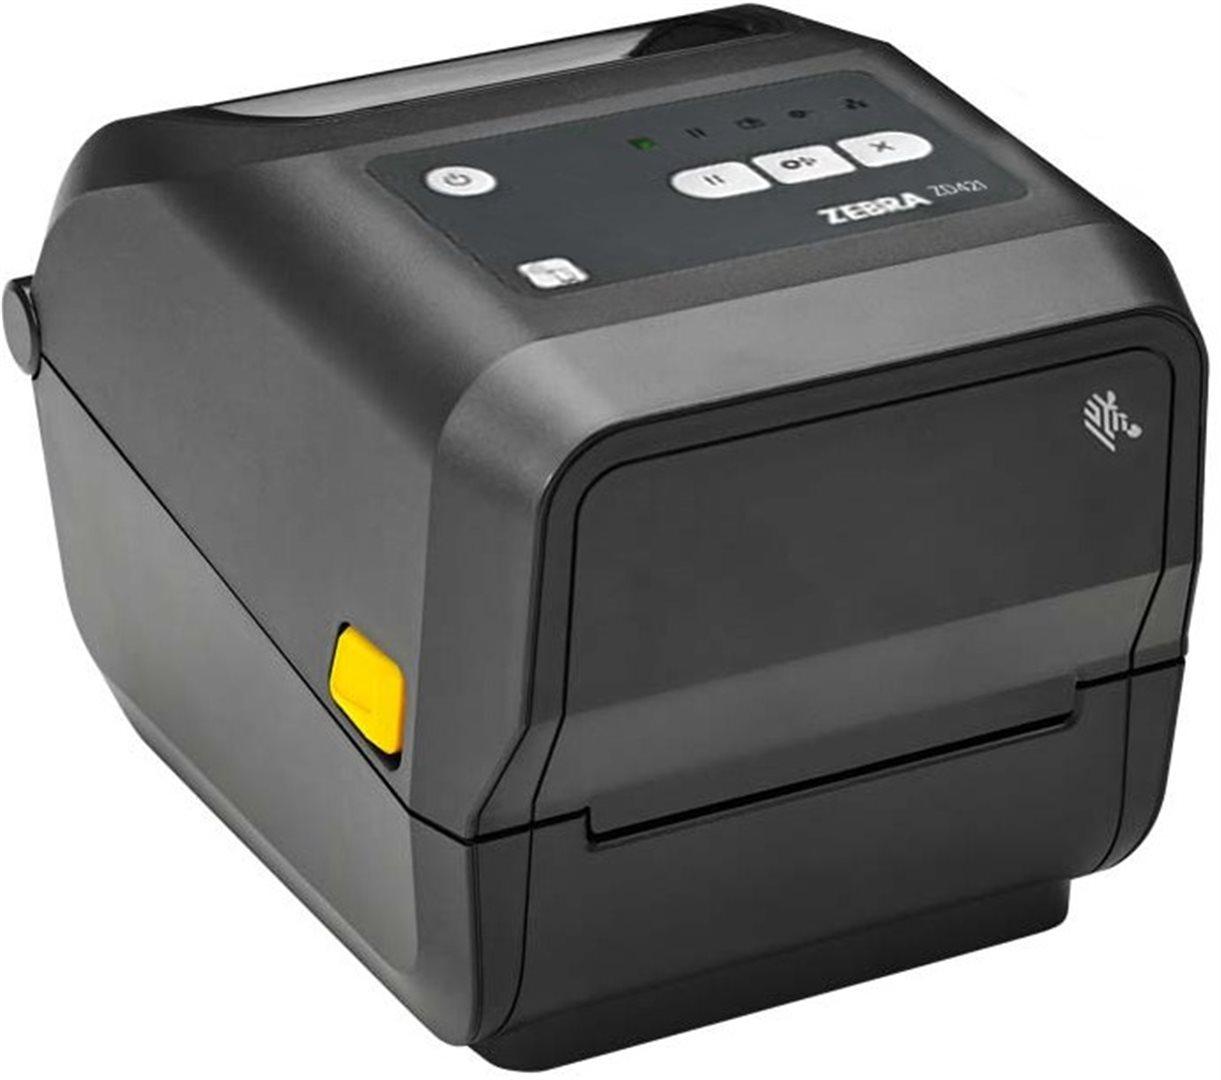 ZD421d - DT, 203 dpi, USB, BT - ZD4A042-D0EM00EZ